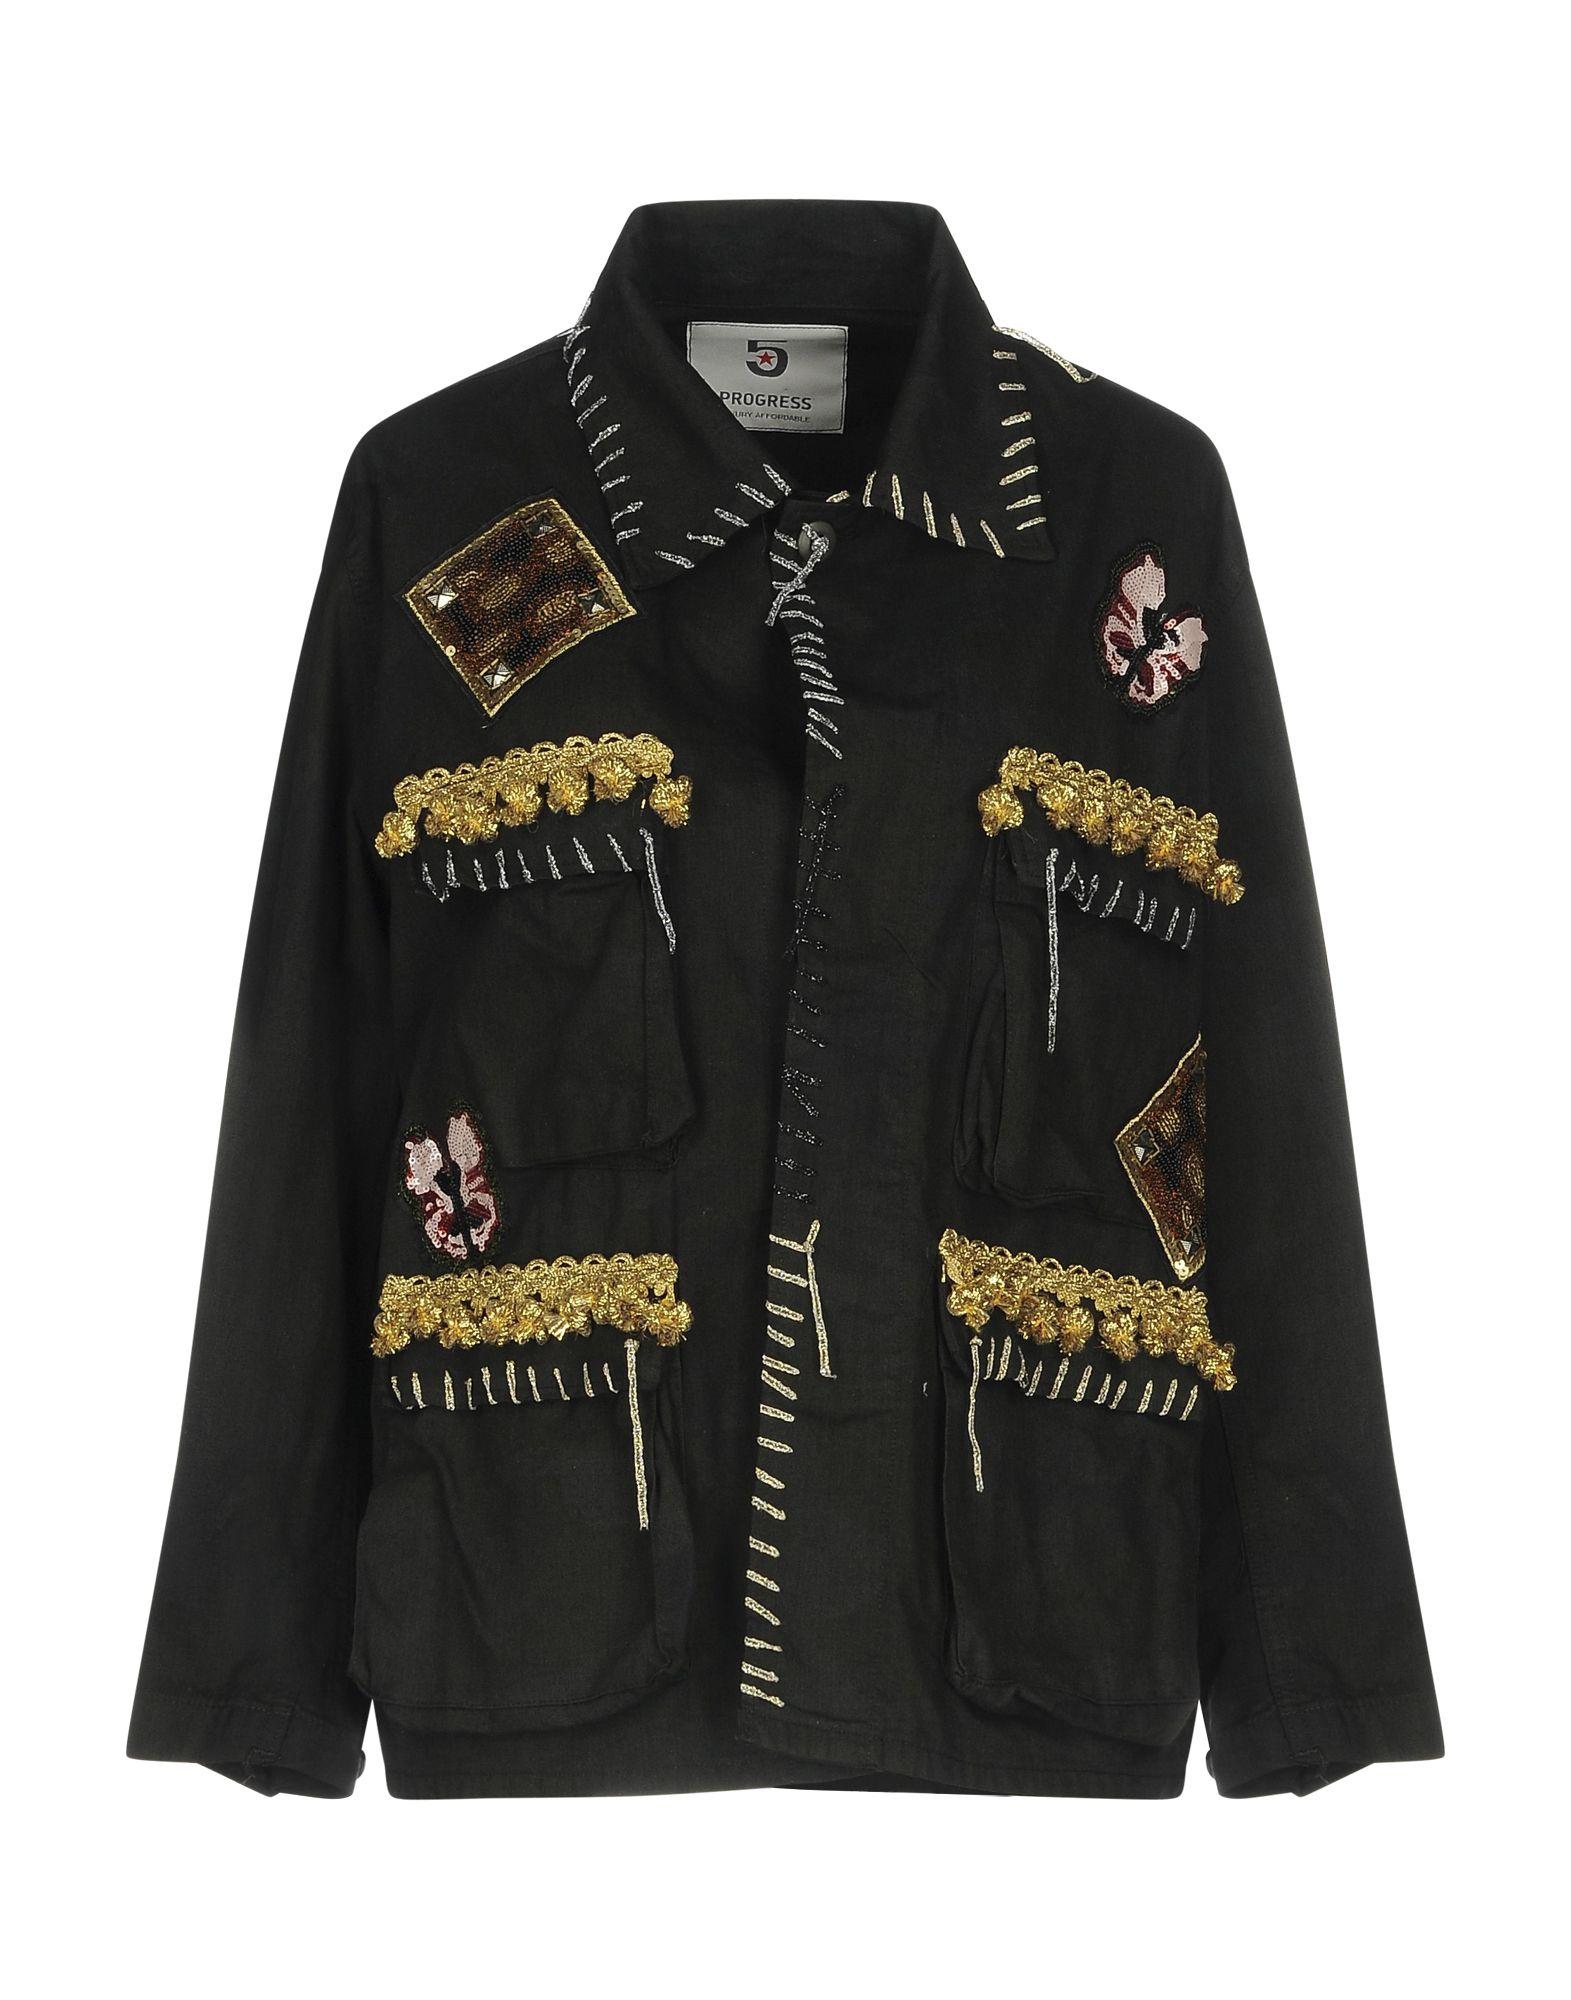 5 PROGRESS Blazer in Black